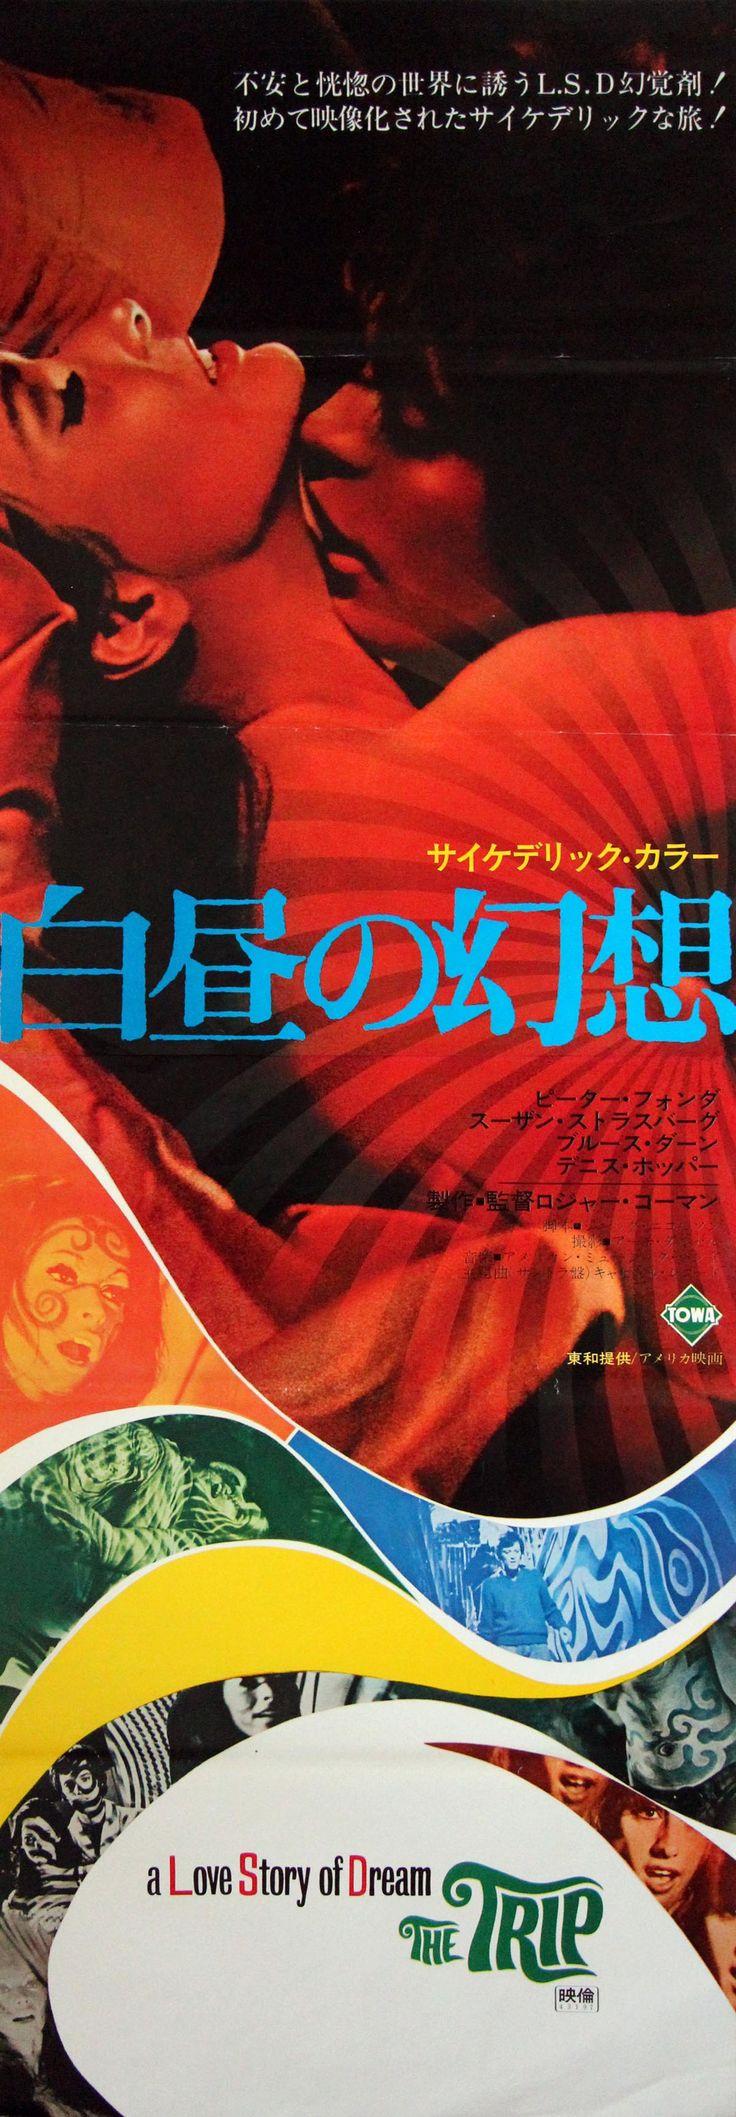 1000 images about super cool japanese cinema poster on. Black Bedroom Furniture Sets. Home Design Ideas